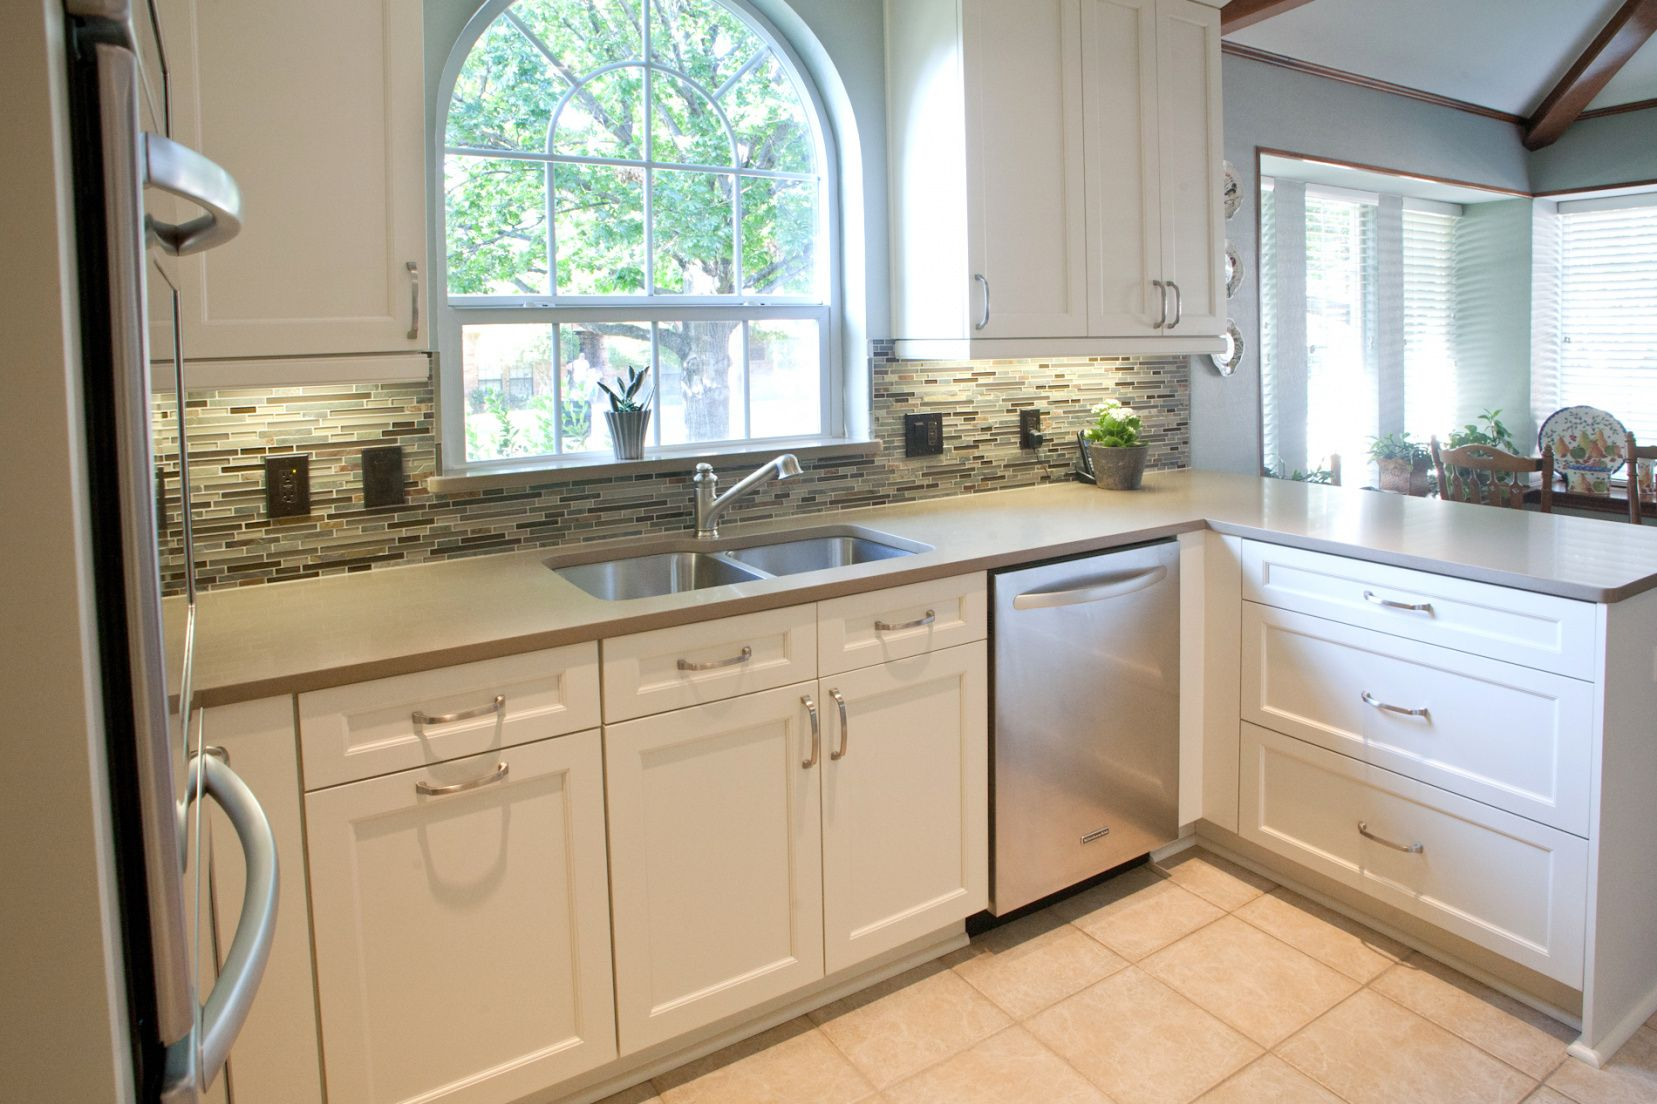 55+ Dallas Quartz Countertops   Kitchen Counter Top Ideas Check More At  Http:/